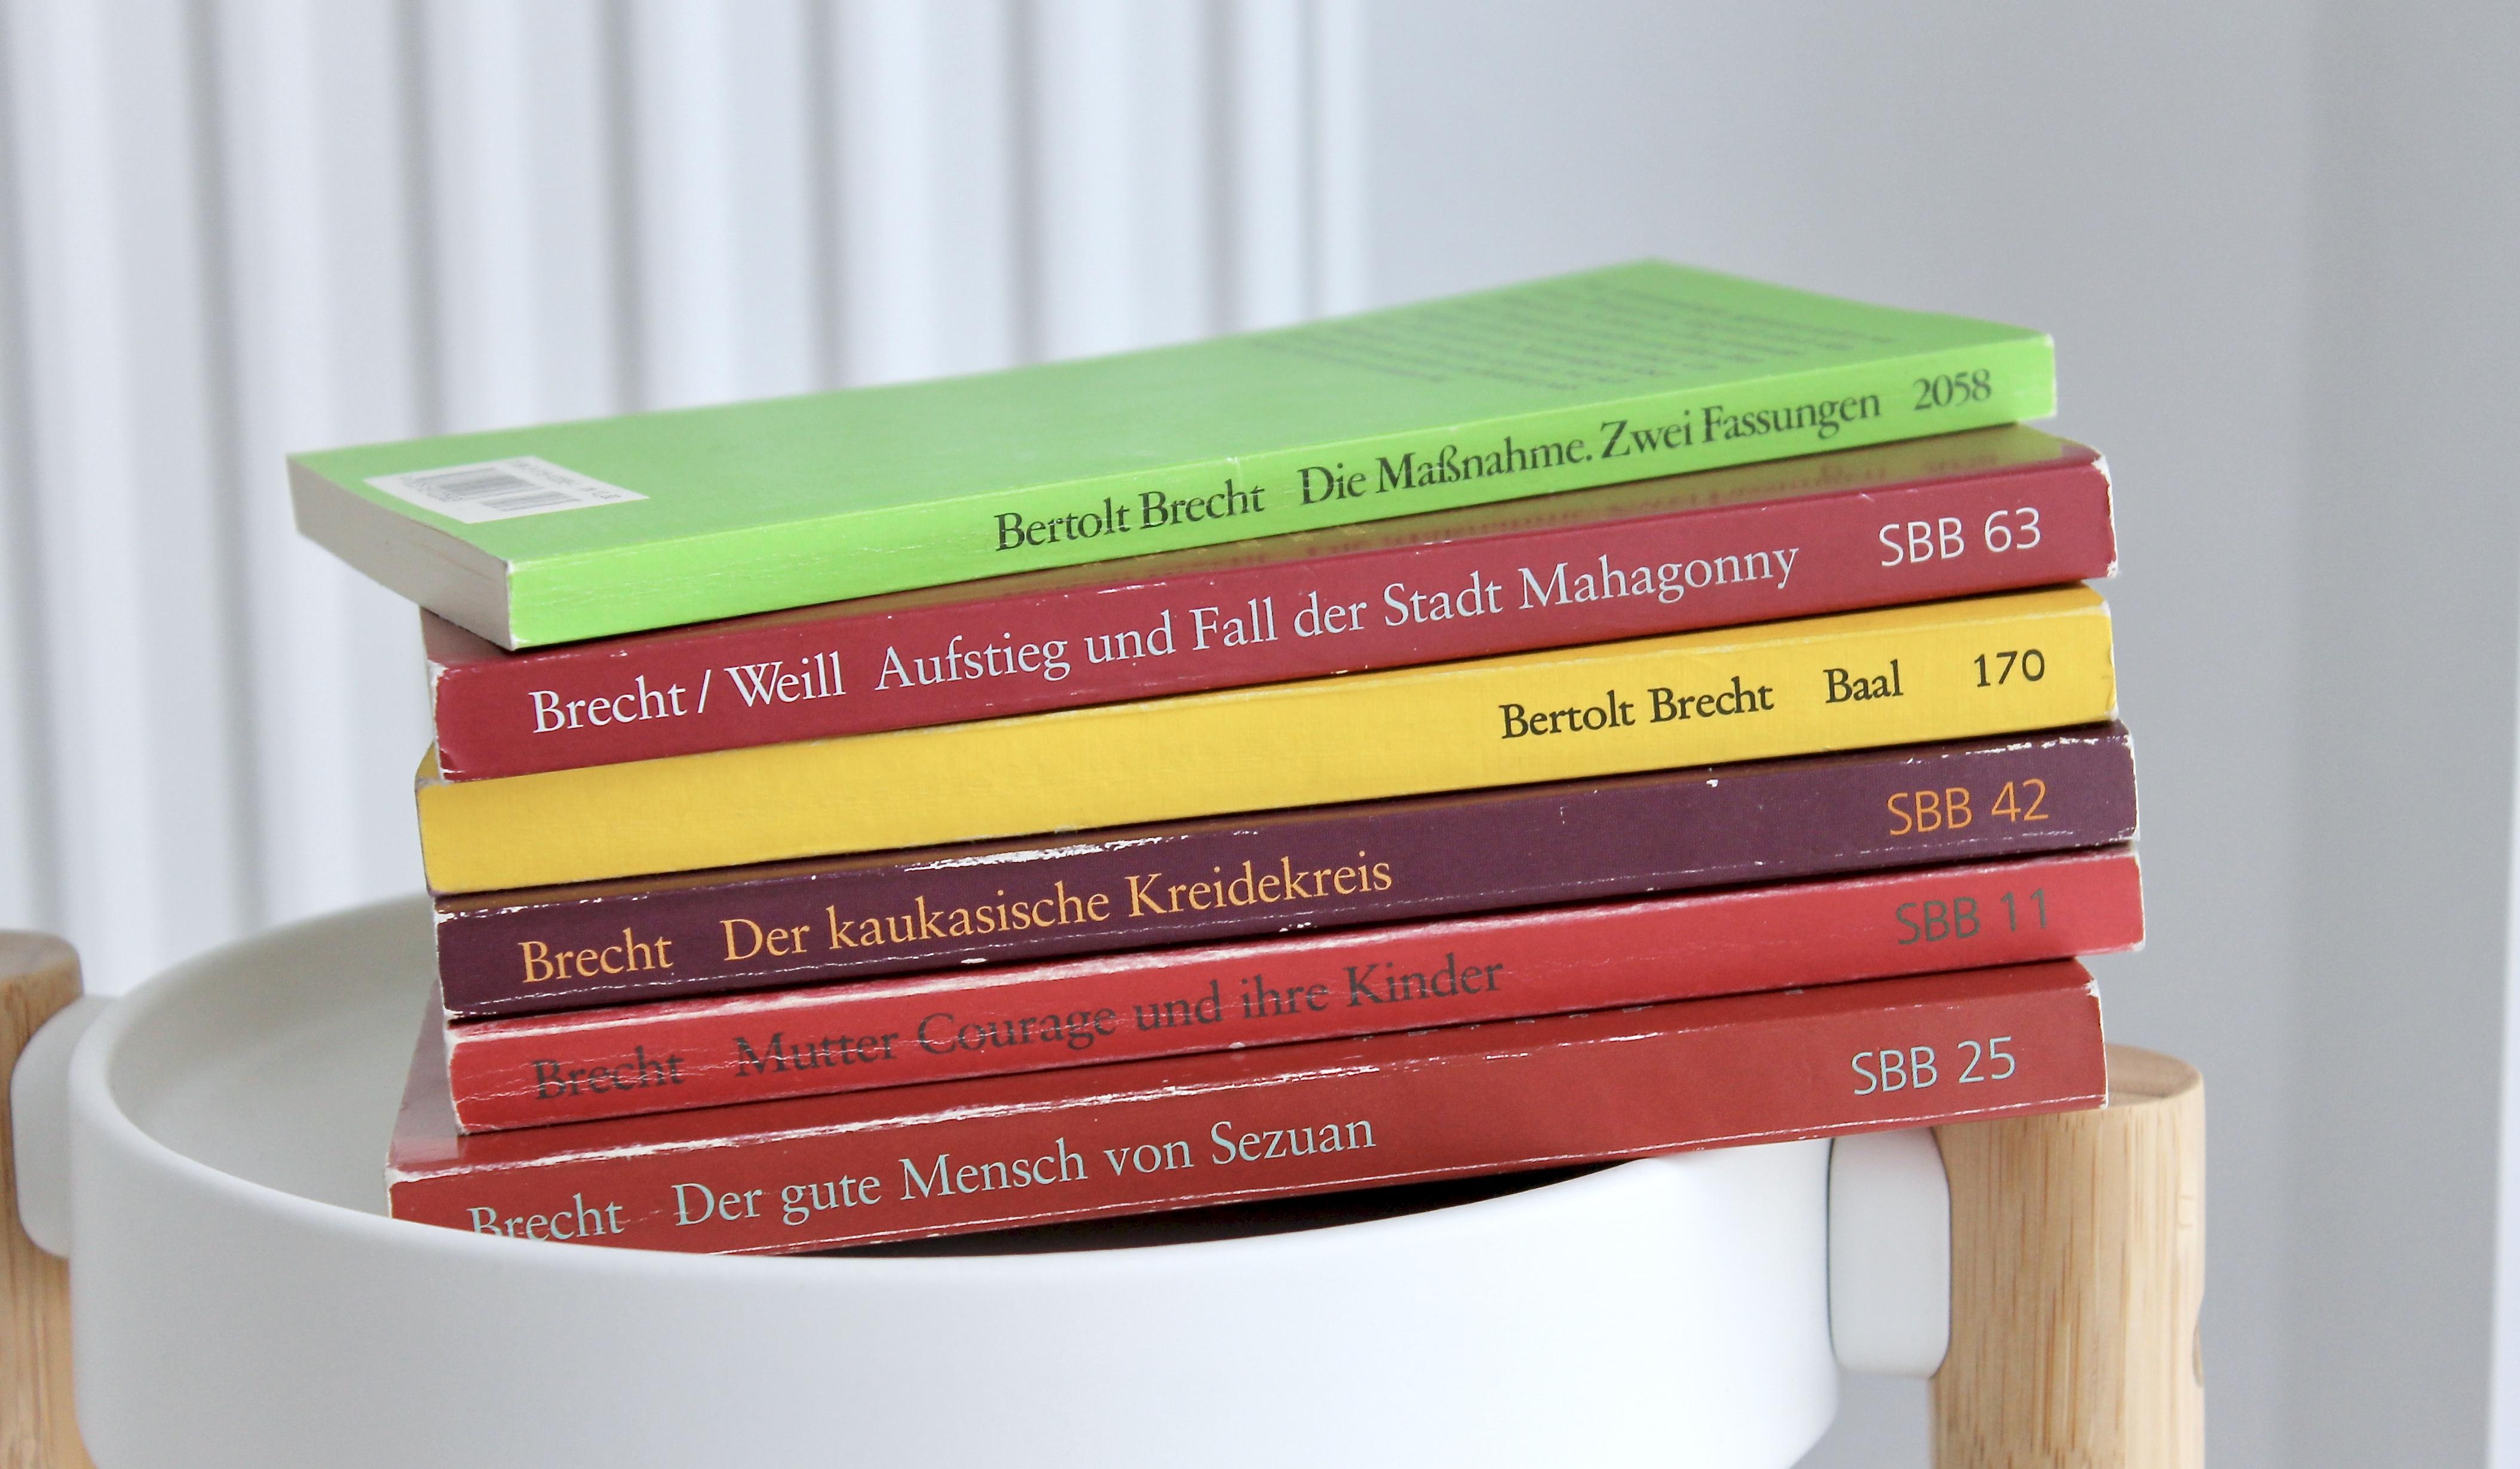 Brecht Und Feminismus Eine Aneignung Noch Mehr Bücher